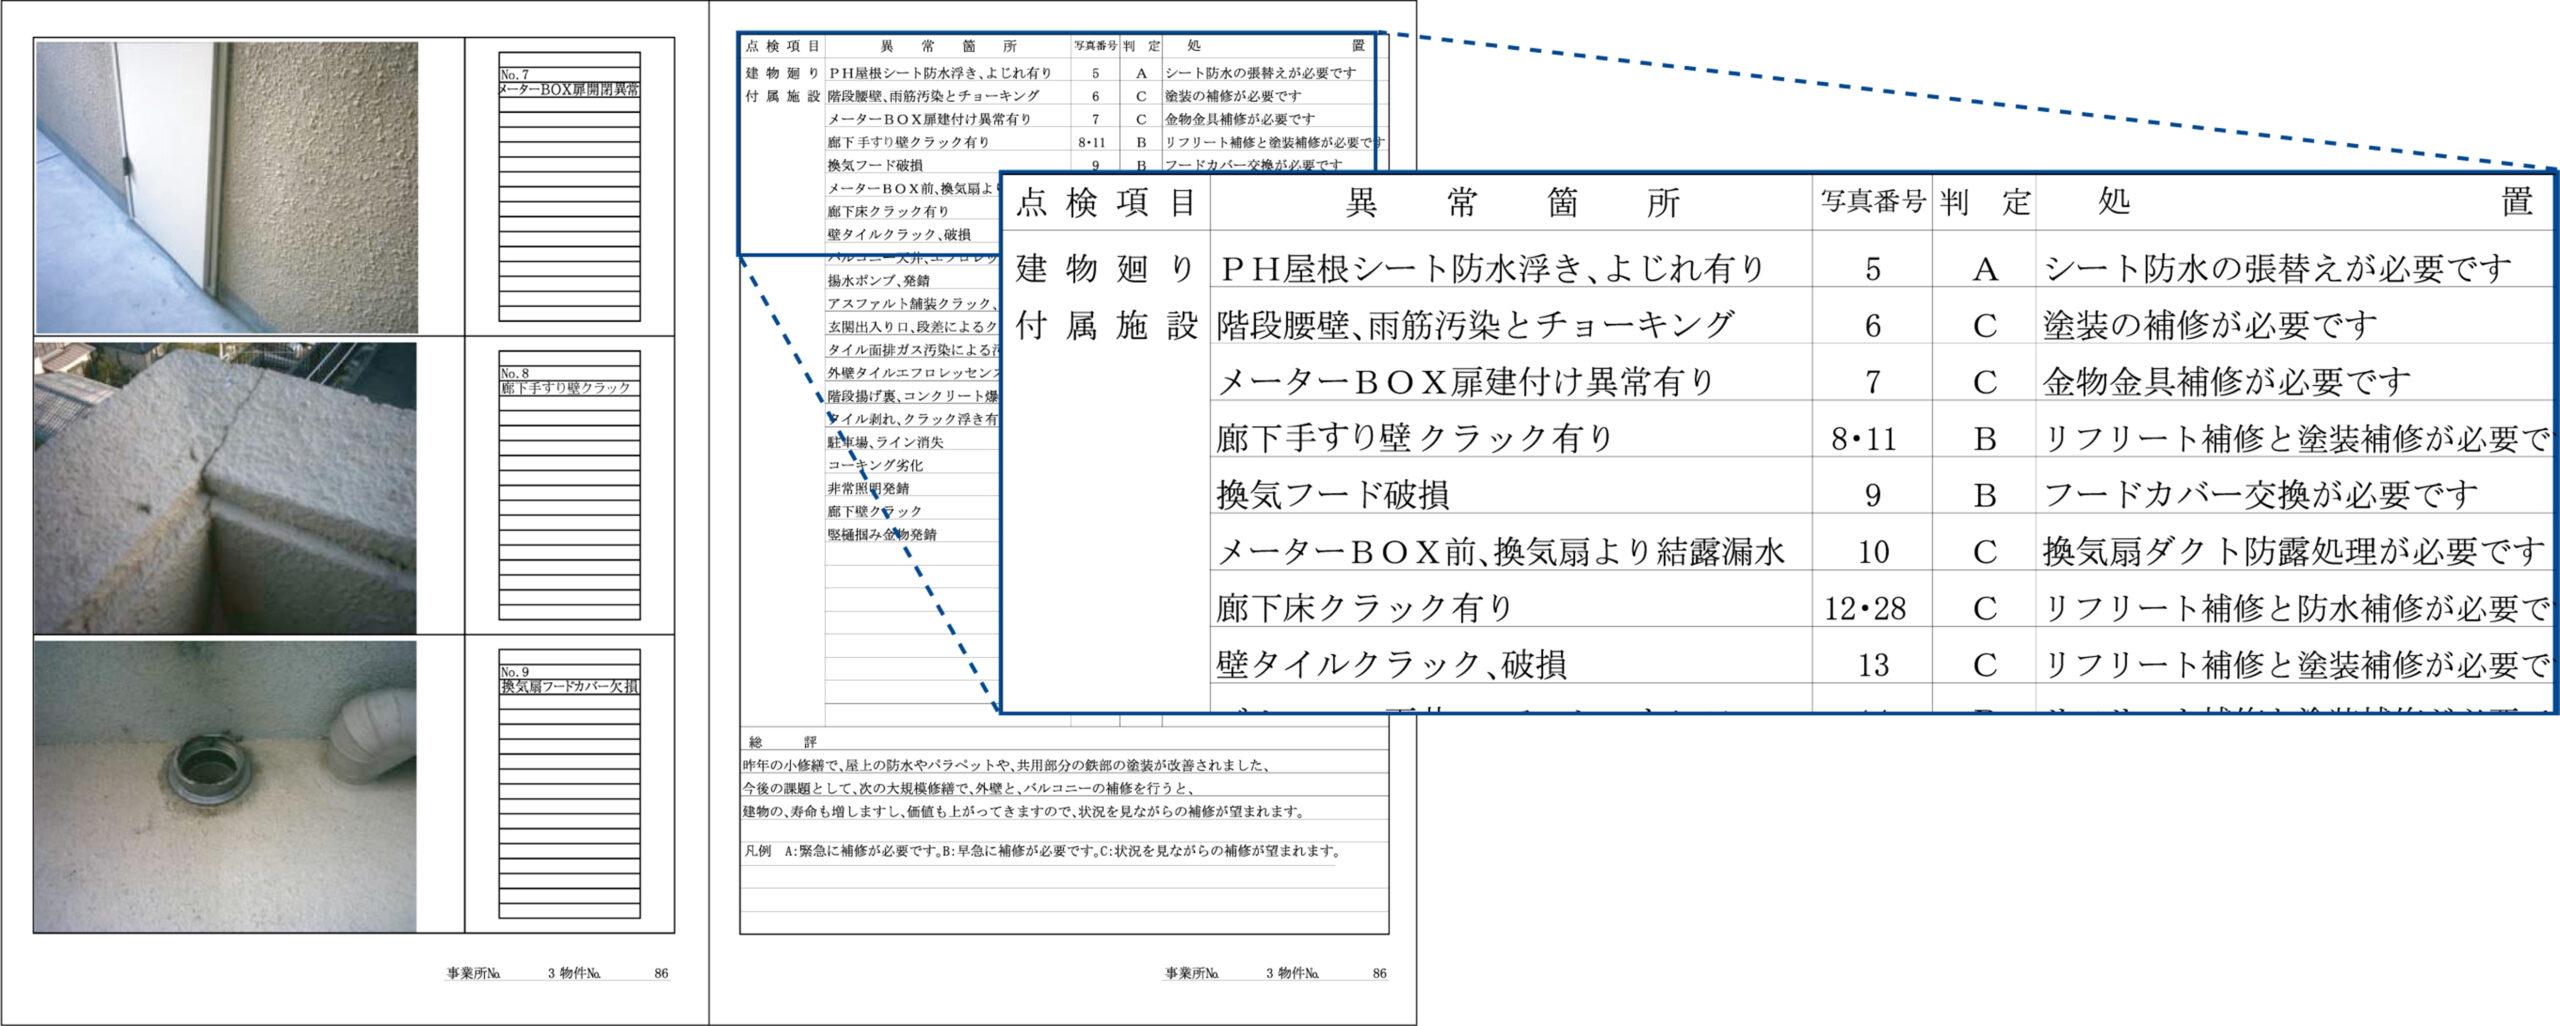 建物点検報告書の作成